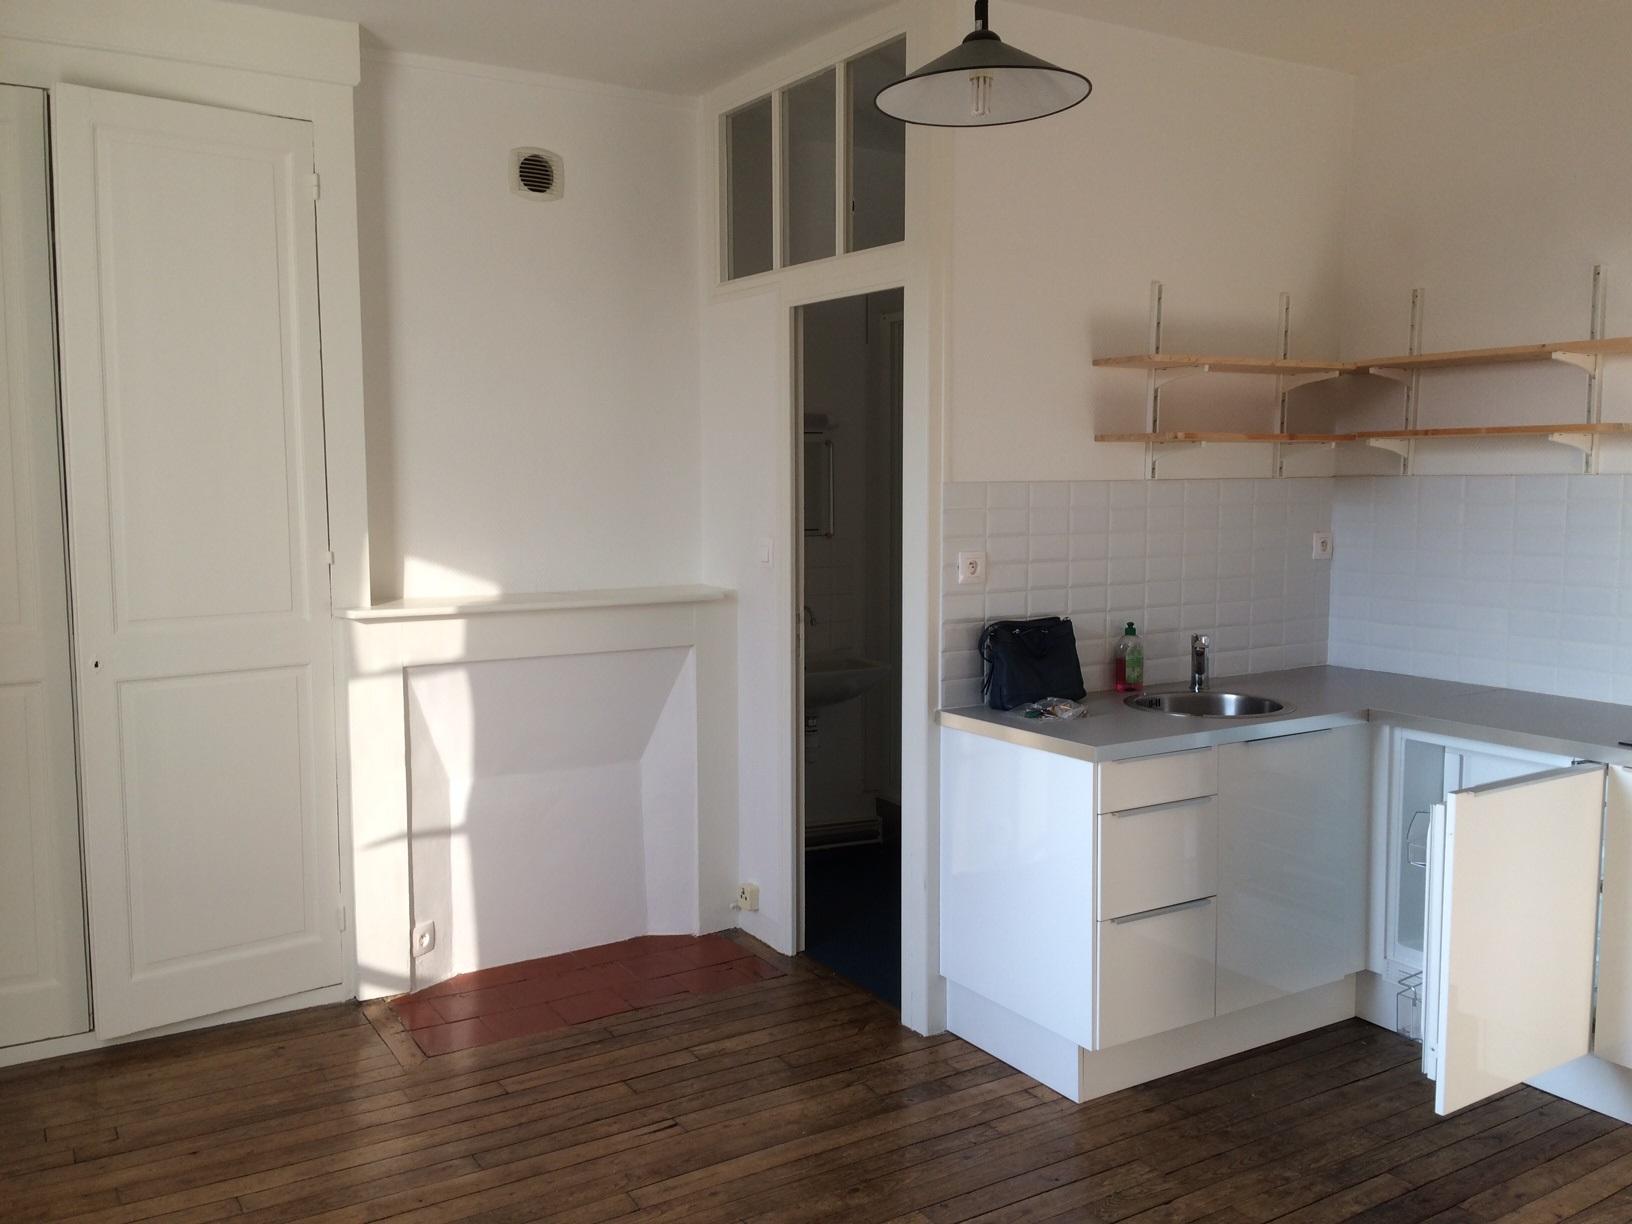 Loue T2 Meuble Rennes Thabor Art Office Immobilier Propose Aux Proprietaires Une Gestion Personnalisee De Leurs Biens